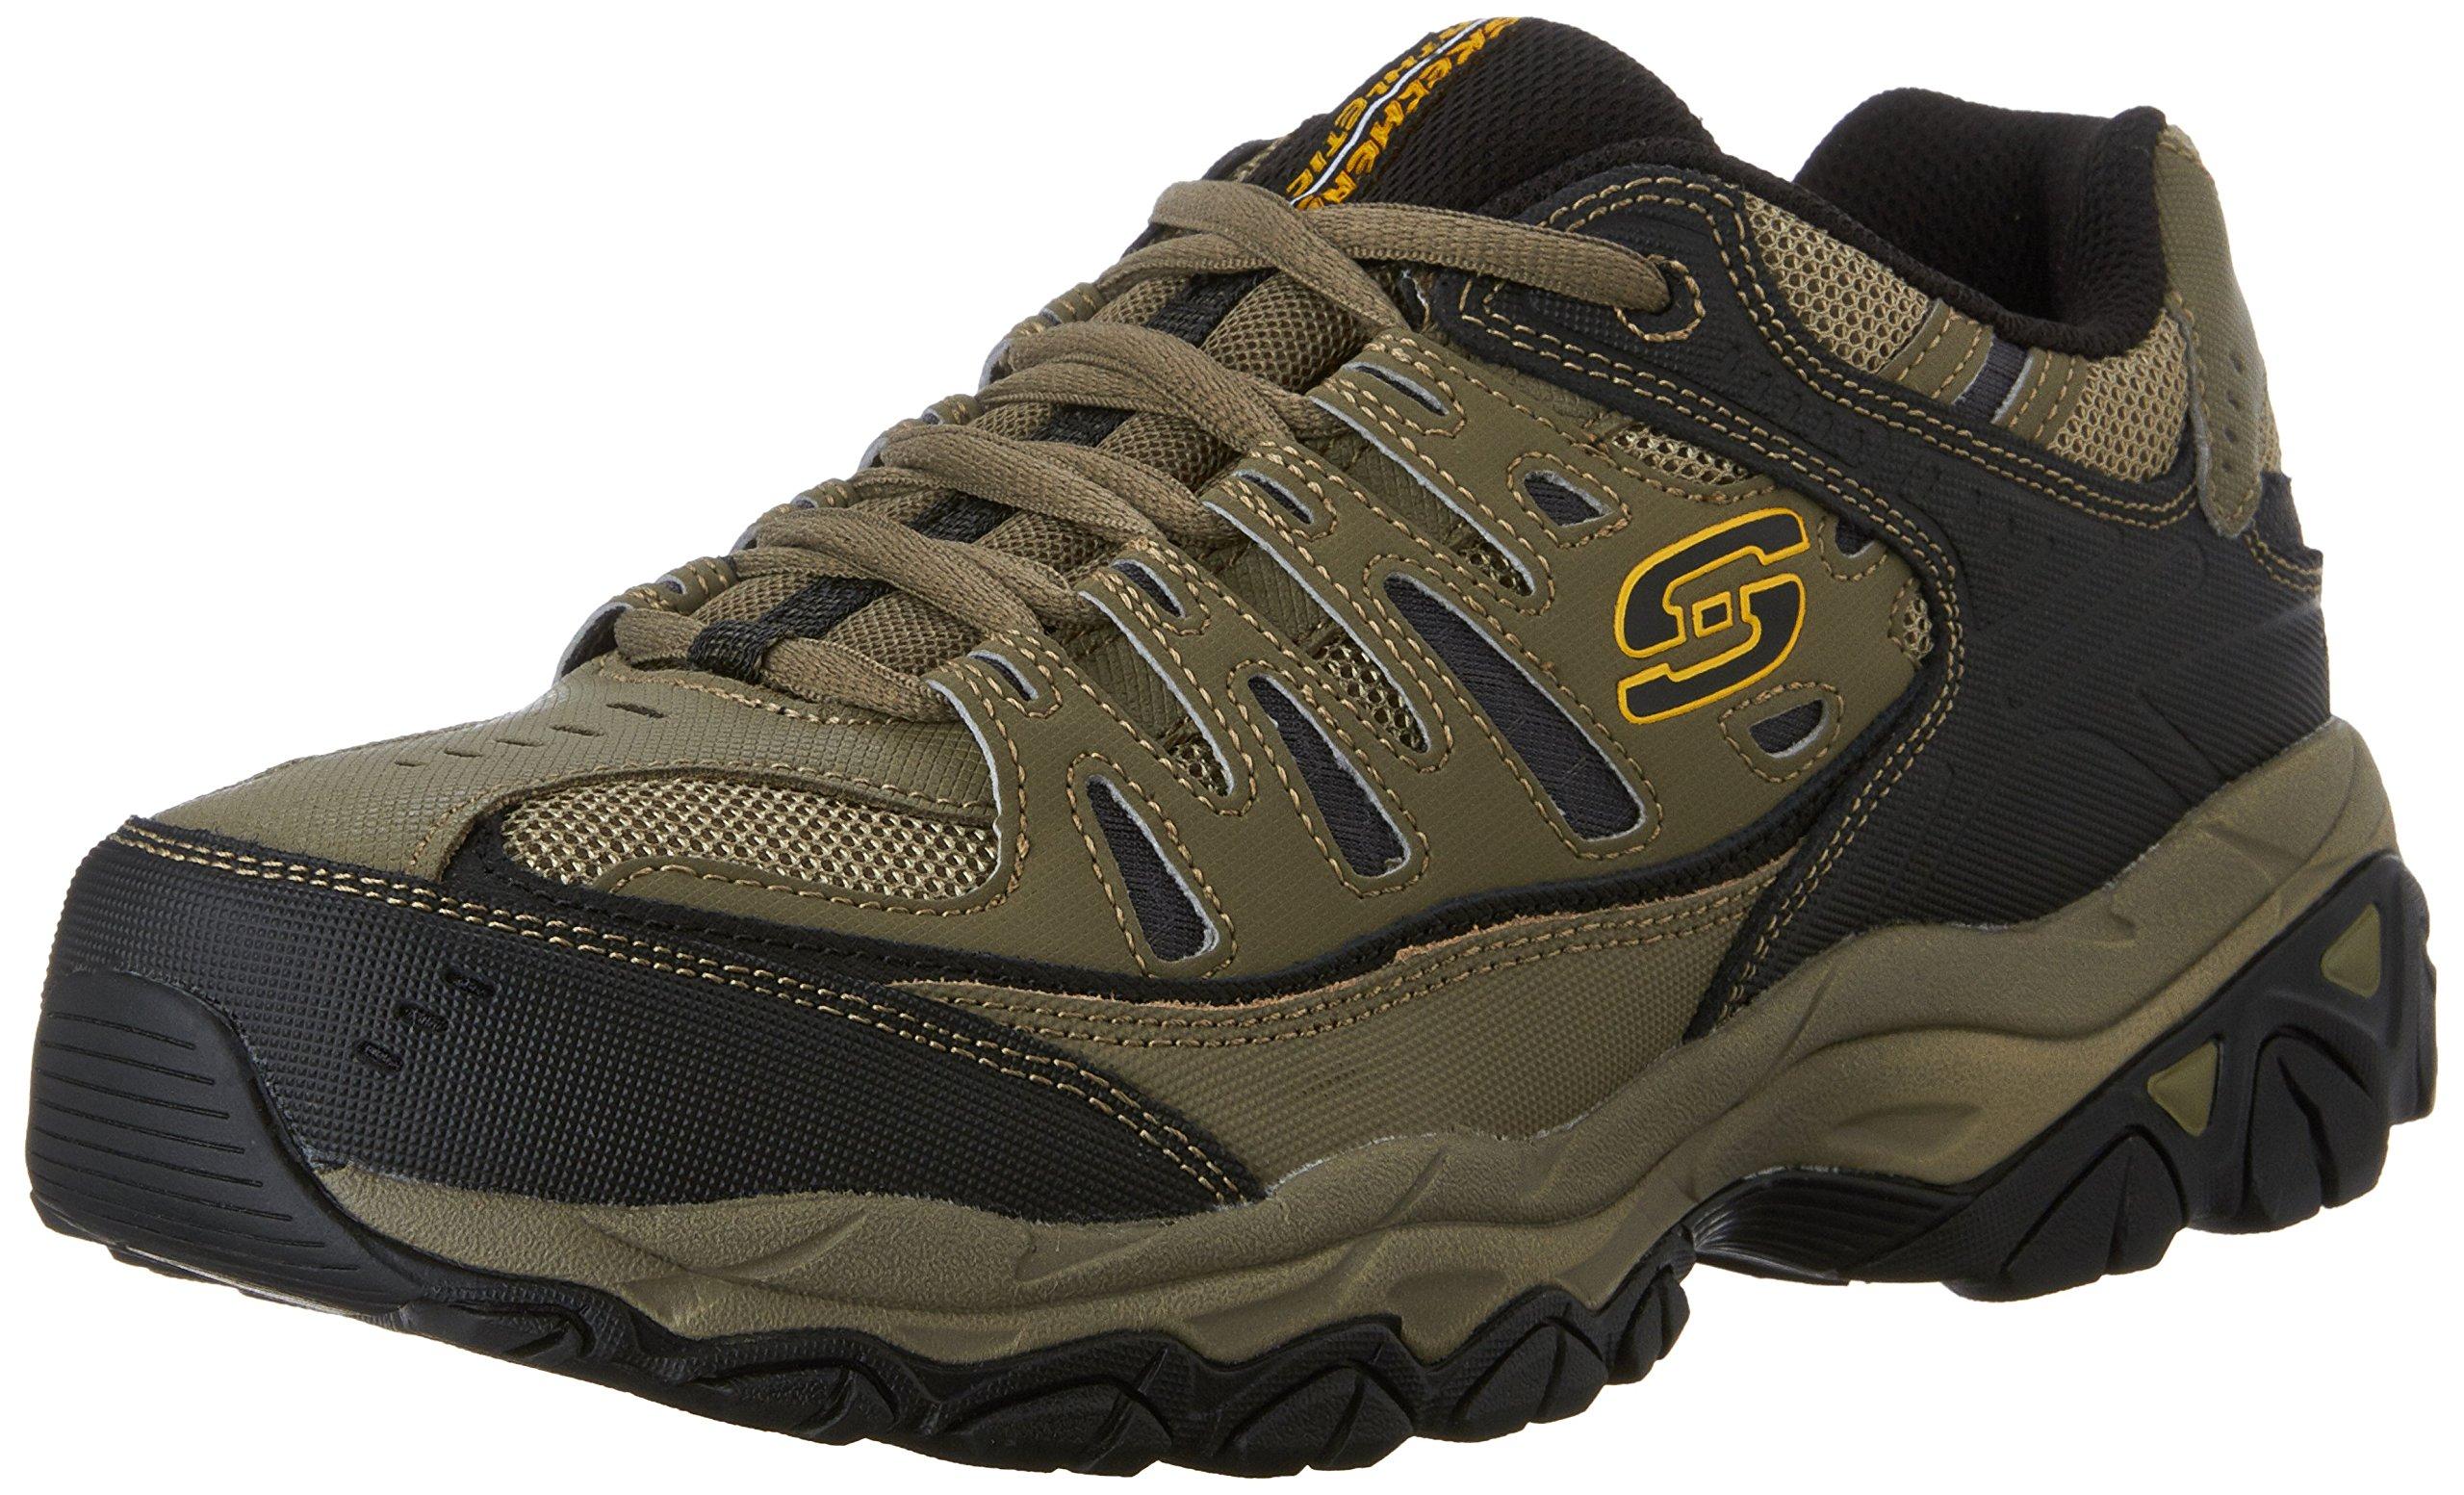 Skechers Men's AFTERBURNM.FIT Memory Foam Lace-Up Sneaker, Pebble/Black/Pebble, 16 4E US by Skechers